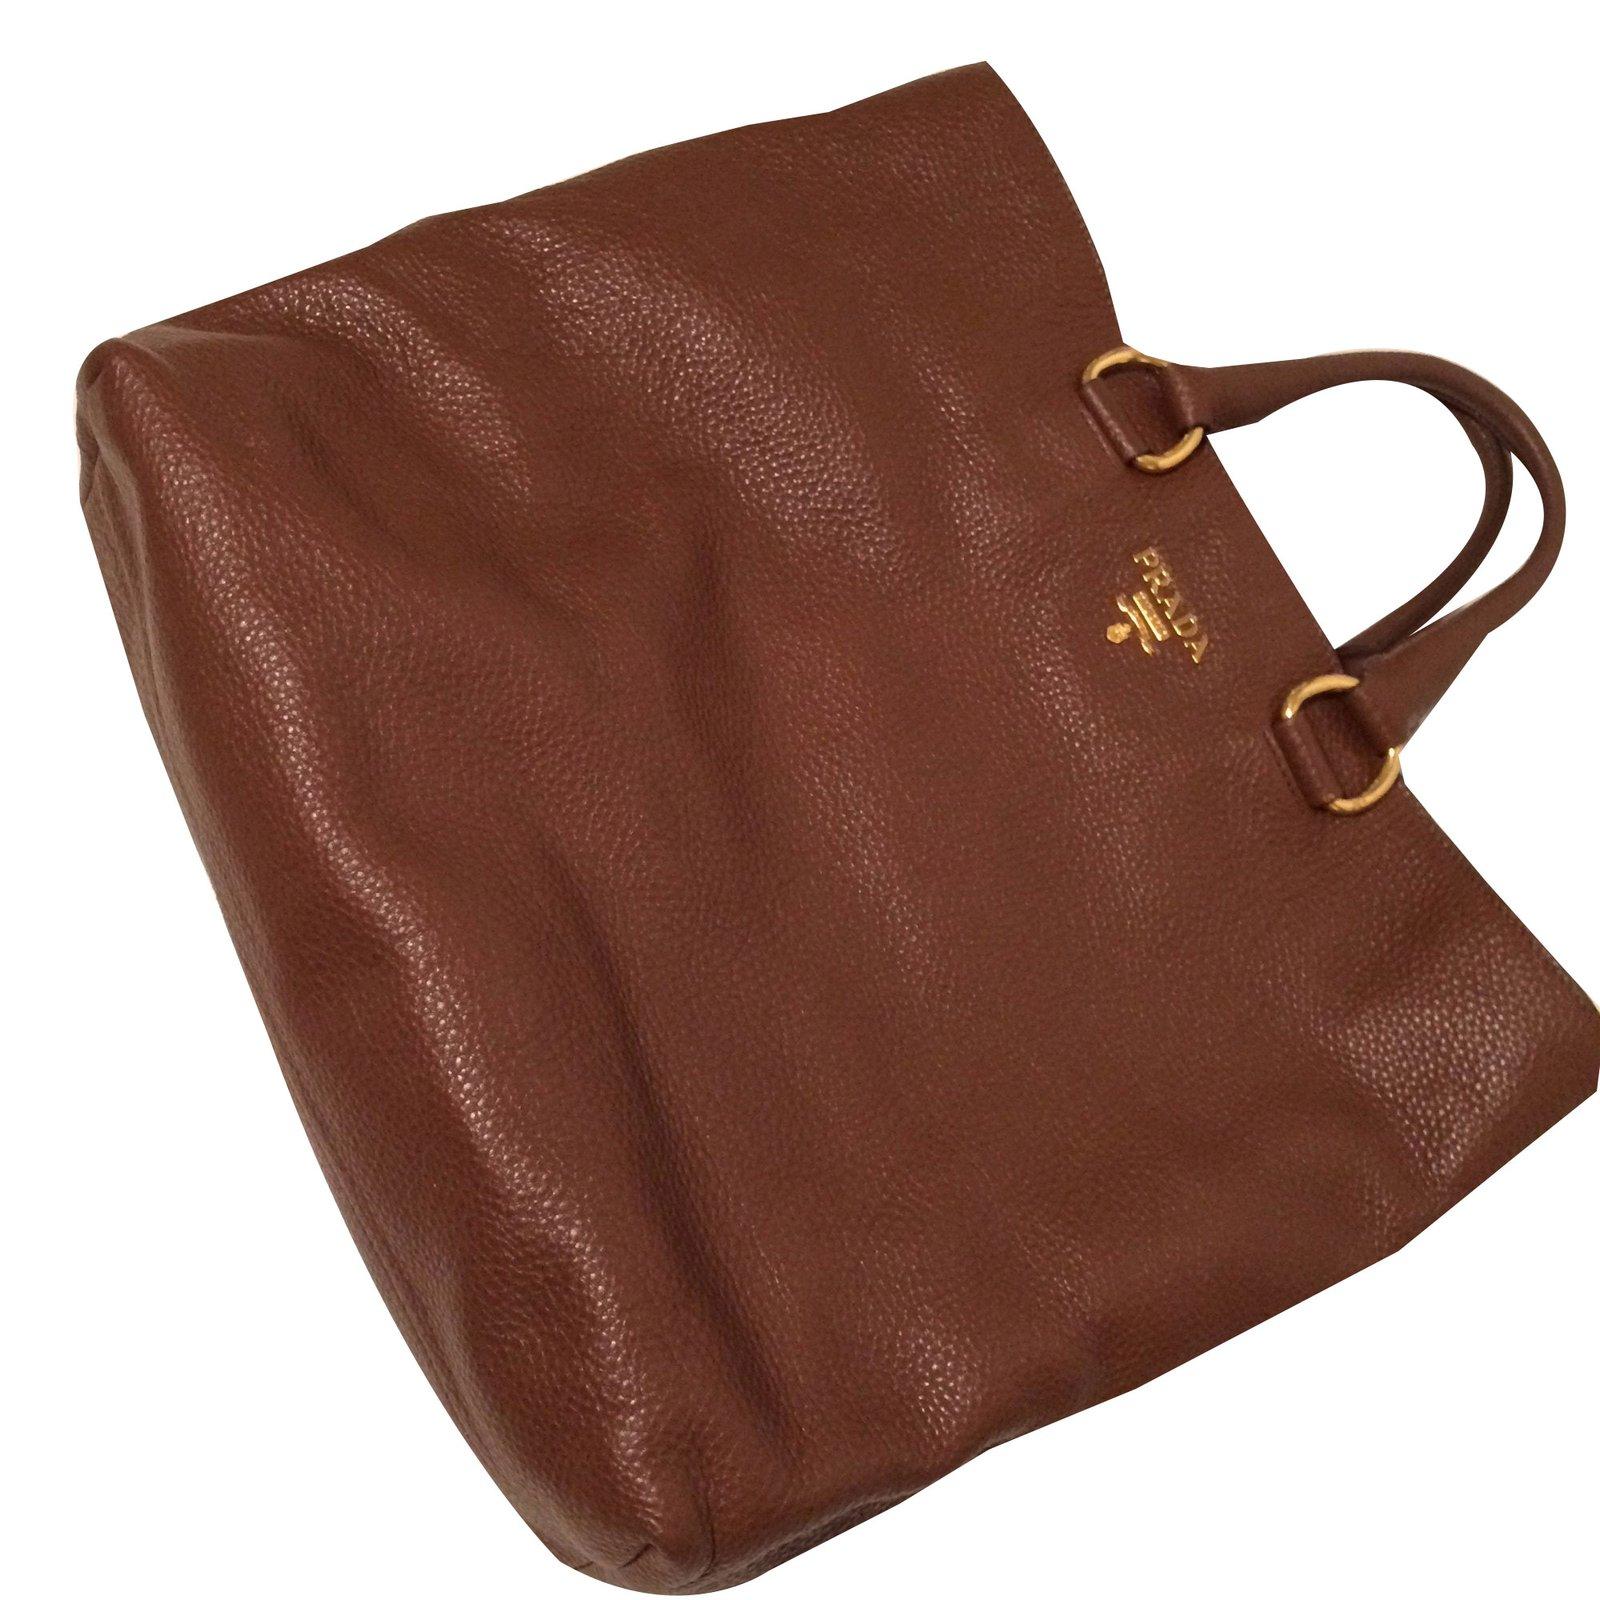 9f75339f2af7 Prada Vit. DAINO Handbags Leather Dark brown ref.52593